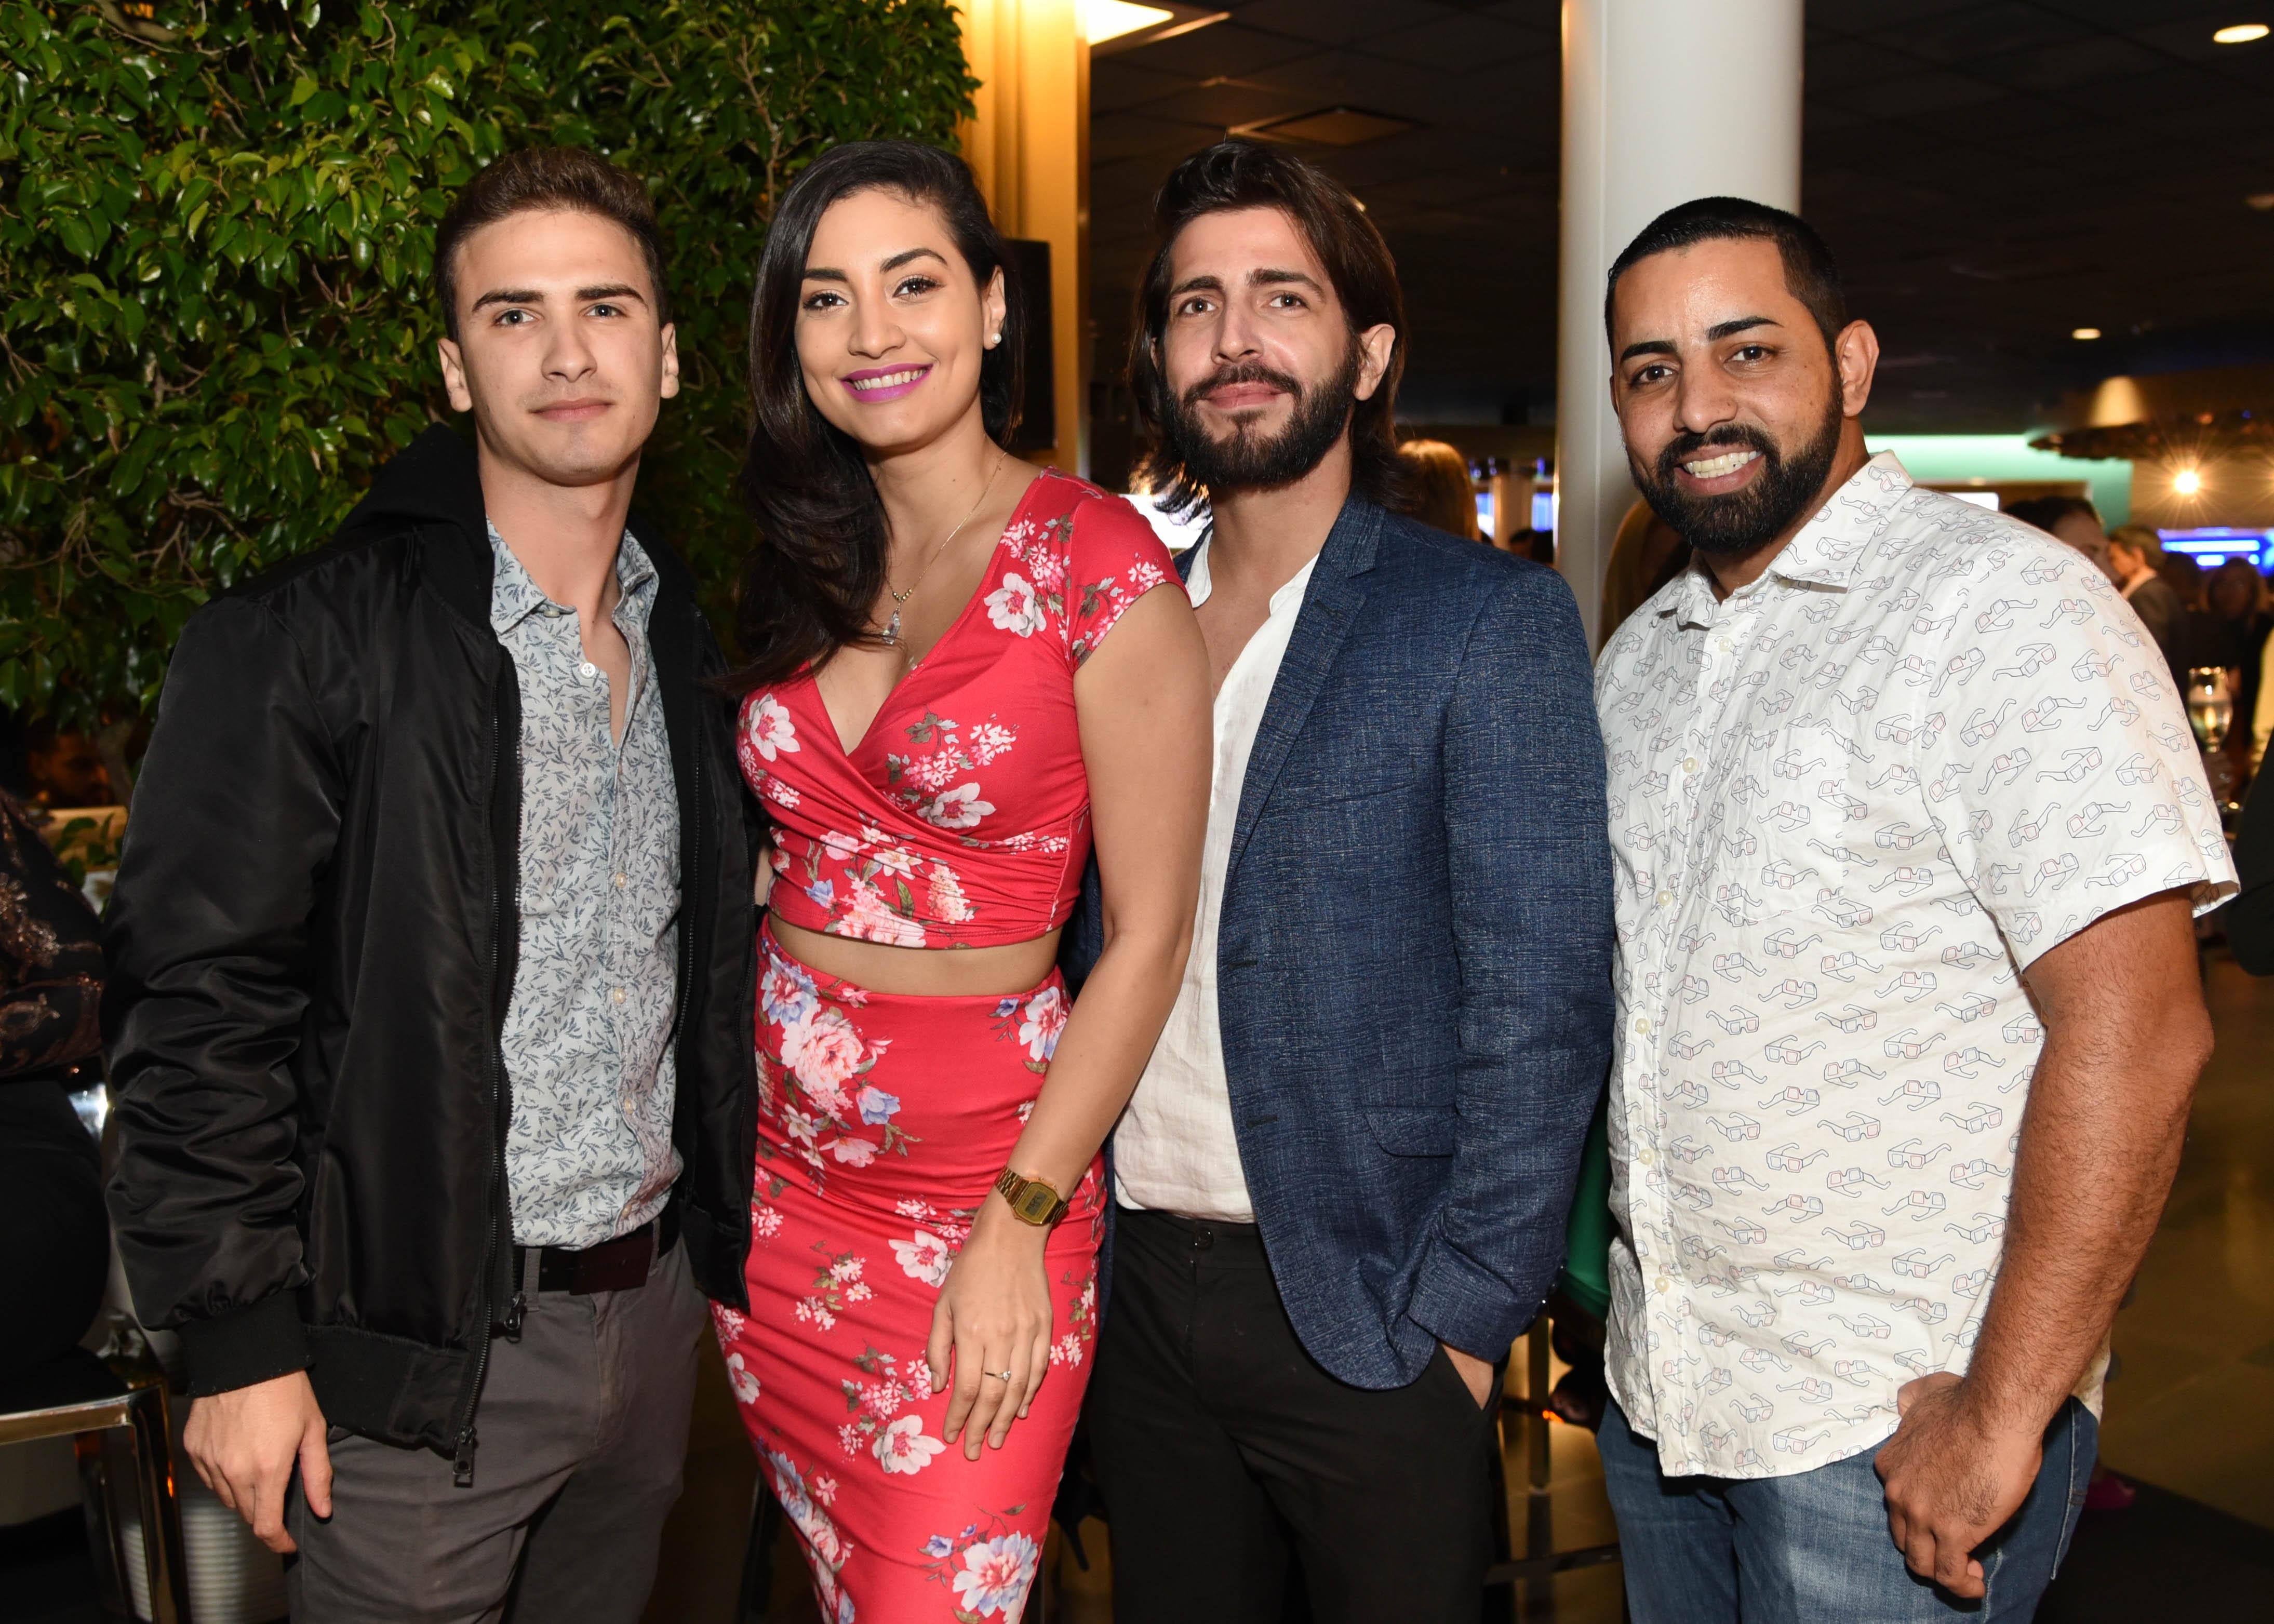 Javier Zayas, Nicole De Jesús, Fernando Cruz y Samuel Hernández. (Enid M. Salgado)